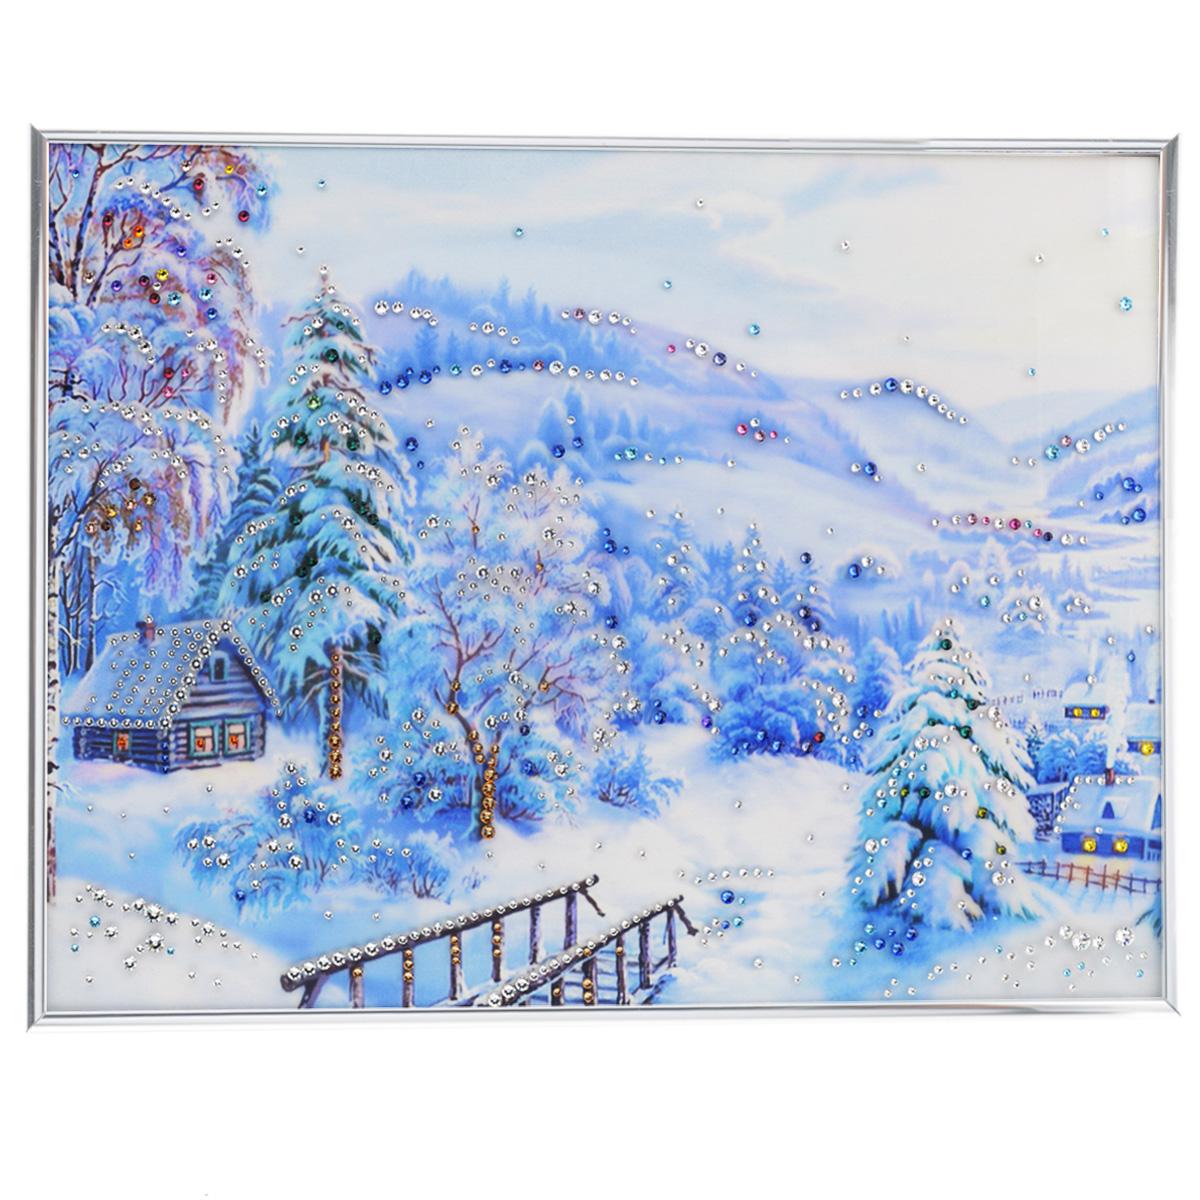 Картина с кристаллами Swarovski Зима, 40 х 30 см1356Изящная картина в металлической раме, инкрустирована кристаллами Swarovski, которые отличаются четкой и ровной огранкой, ярким блеском и чистотой цвета. Красочное изображение зимнего пейзажа, расположенное под стеклом, прекрасно дополняет блеск кристаллов. С обратной стороны имеется металлическая петелька для размещения картины на стене. Картина с кристаллами Swarovski Зима элегантно украсит интерьер дома или офиса, а также станет прекрасным подарком, который обязательно понравится получателю. Блеск кристаллов в интерьере, что может быть сказочнее и удивительнее. Картина упакована в подарочную картонную коробку синего цвета и комплектуется сертификатом соответствия Swarovski.